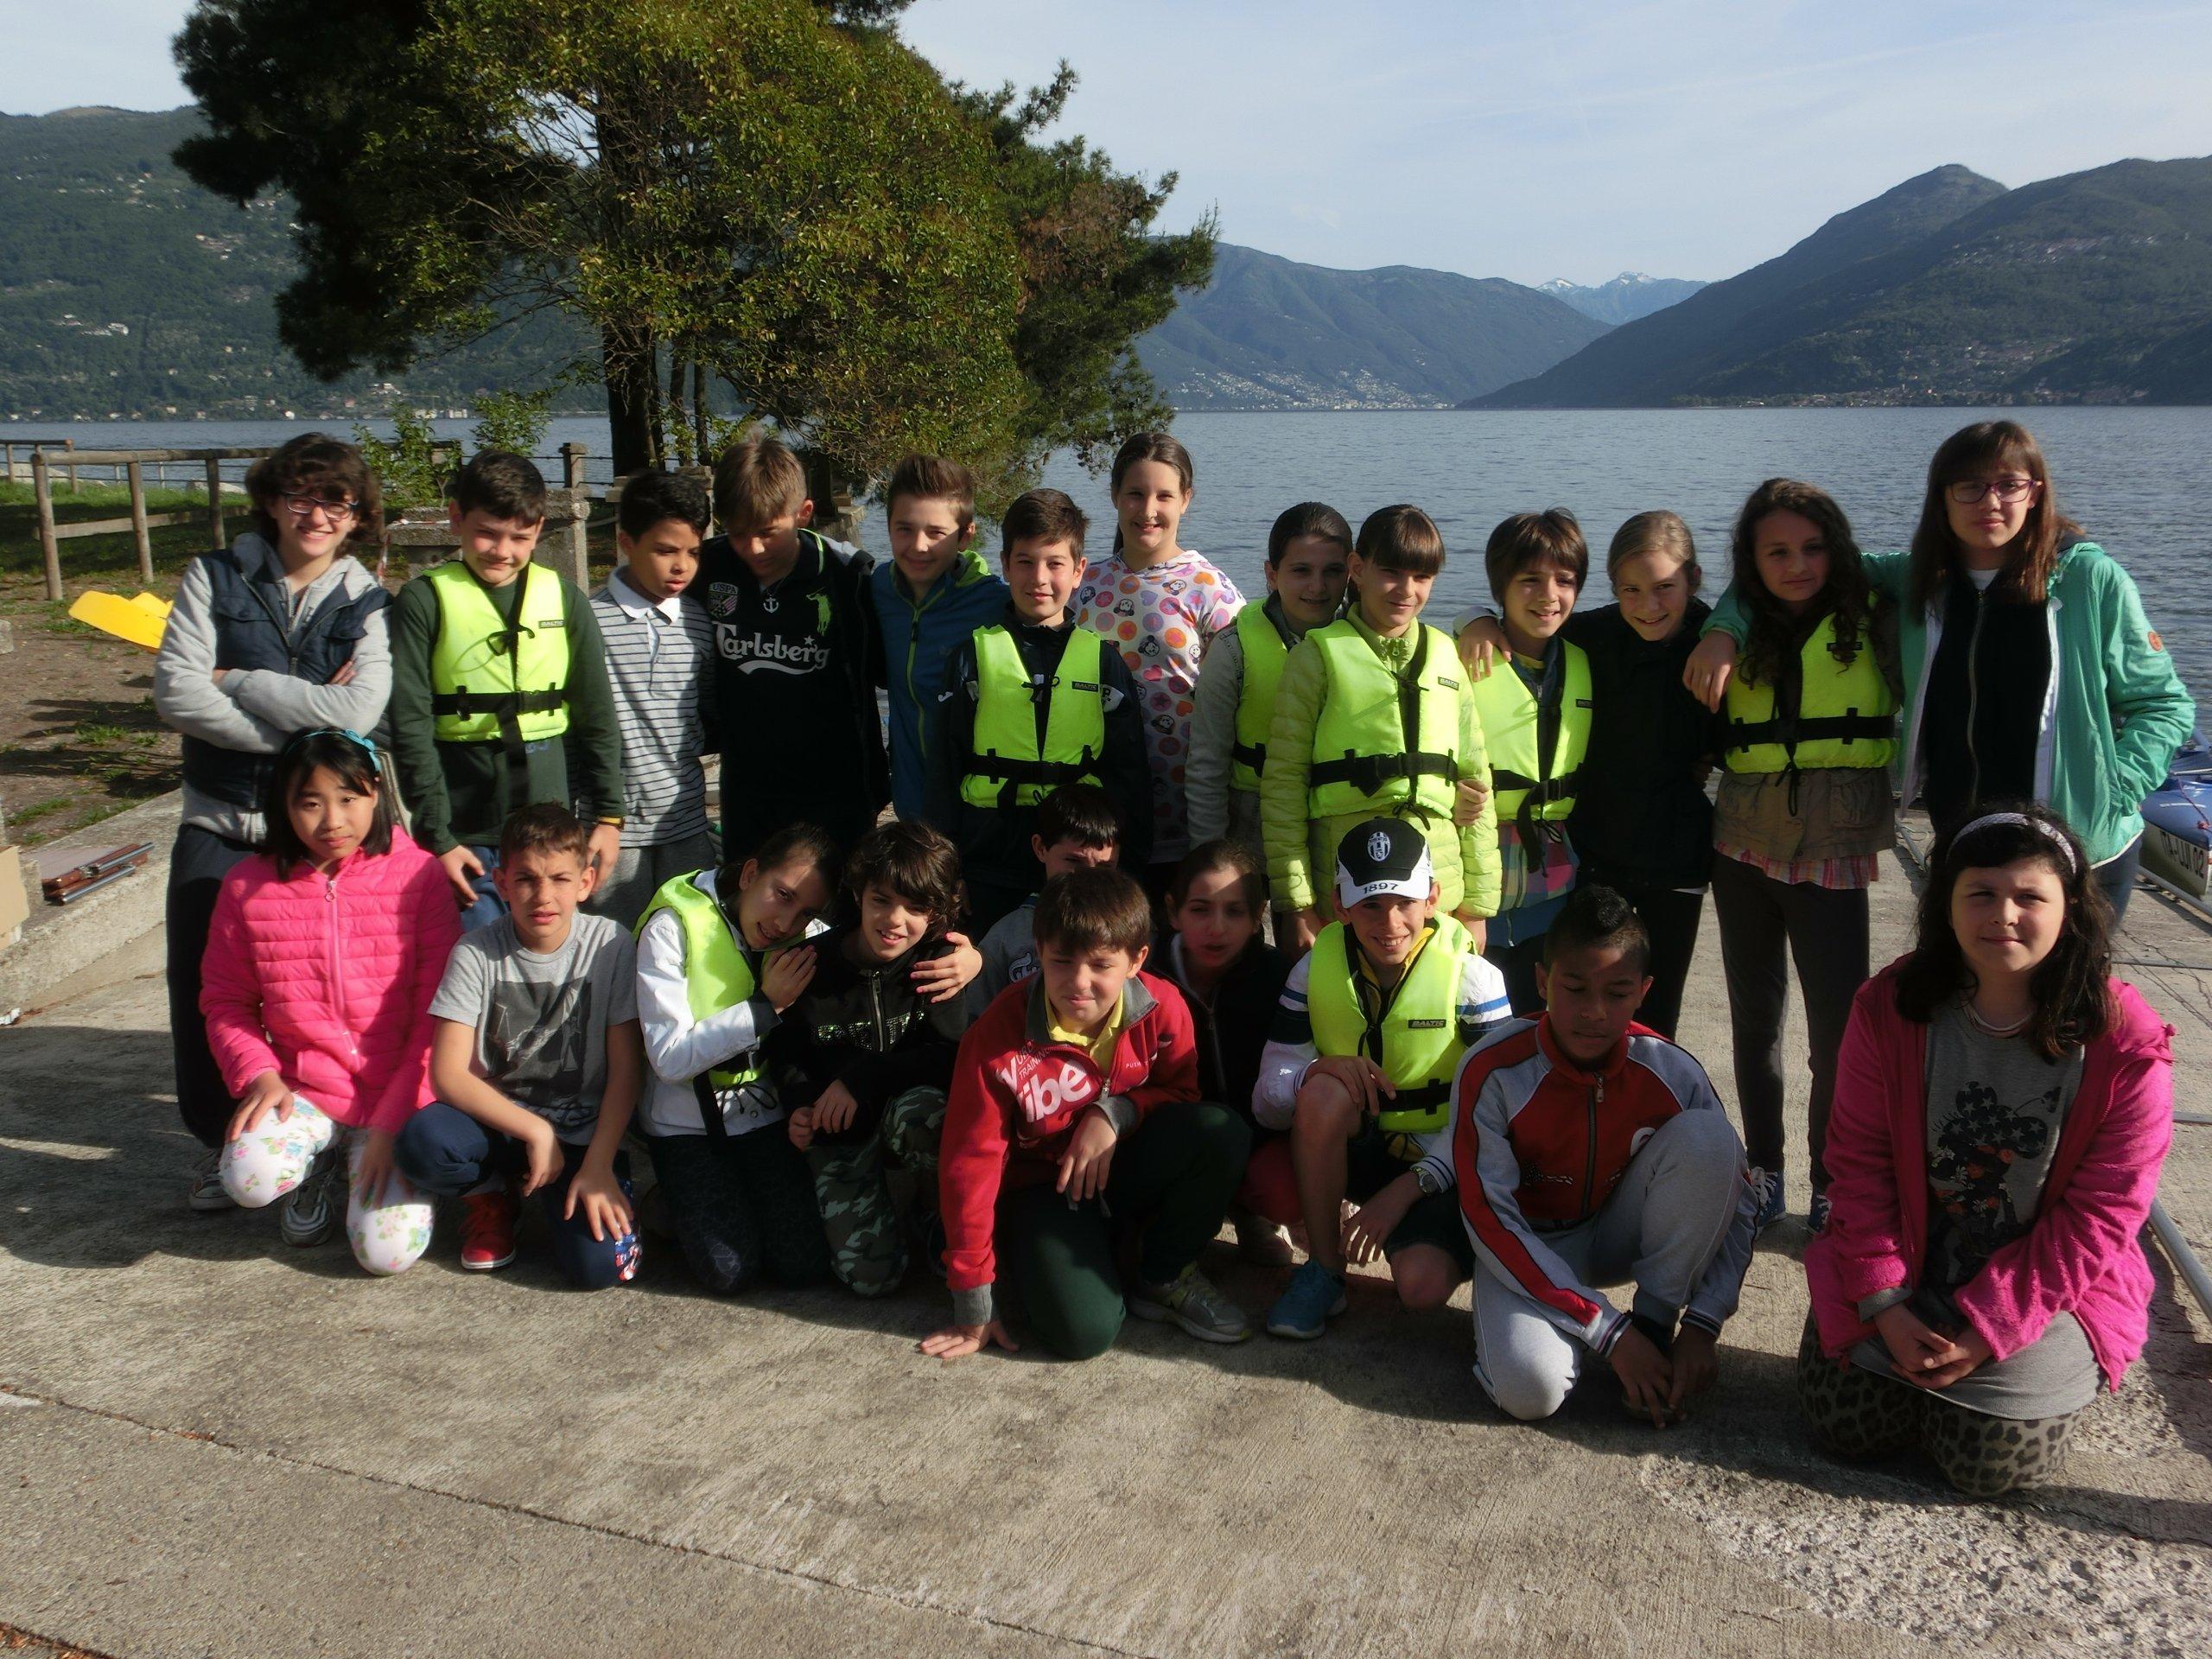 Grande soddisfazione per l'attività scolastica della Canottieri Luino: 1500 studenti coinvolte e importanti successi in campo nazionale